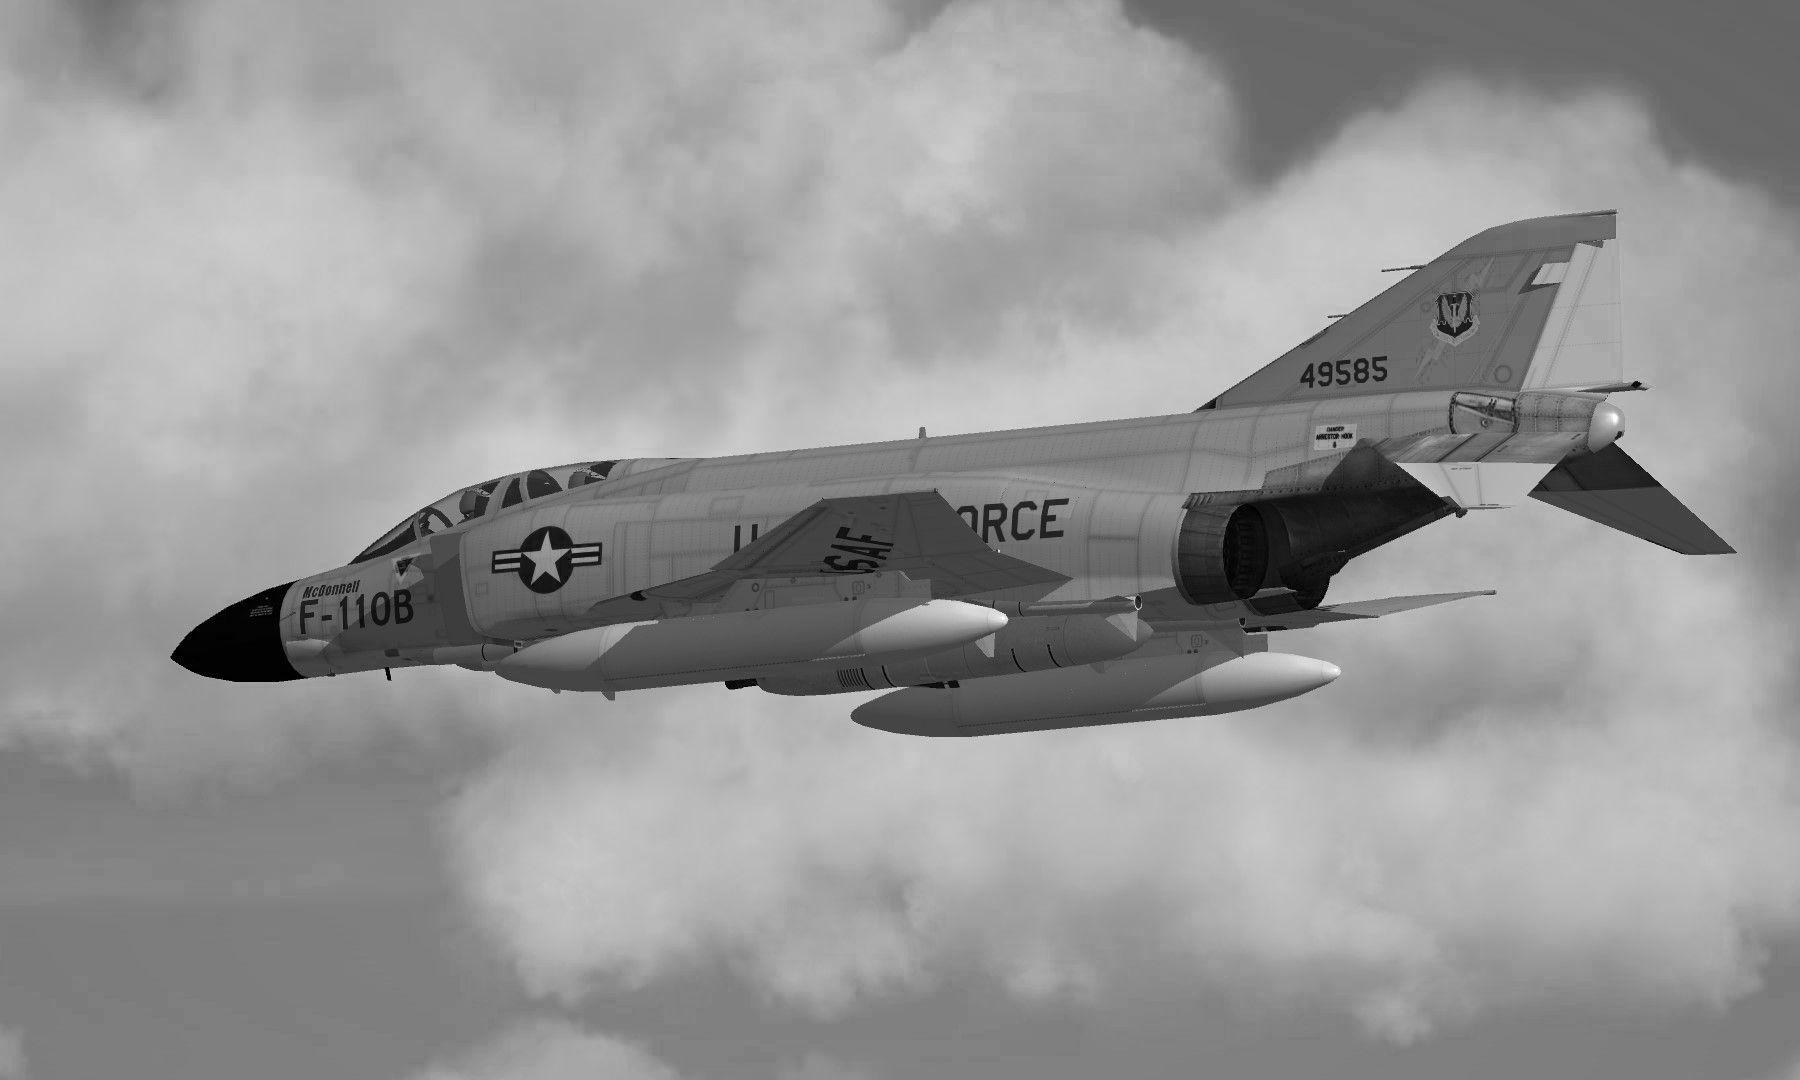 USAFF-110BPHANTOM06_zpsd29b653a.jpg